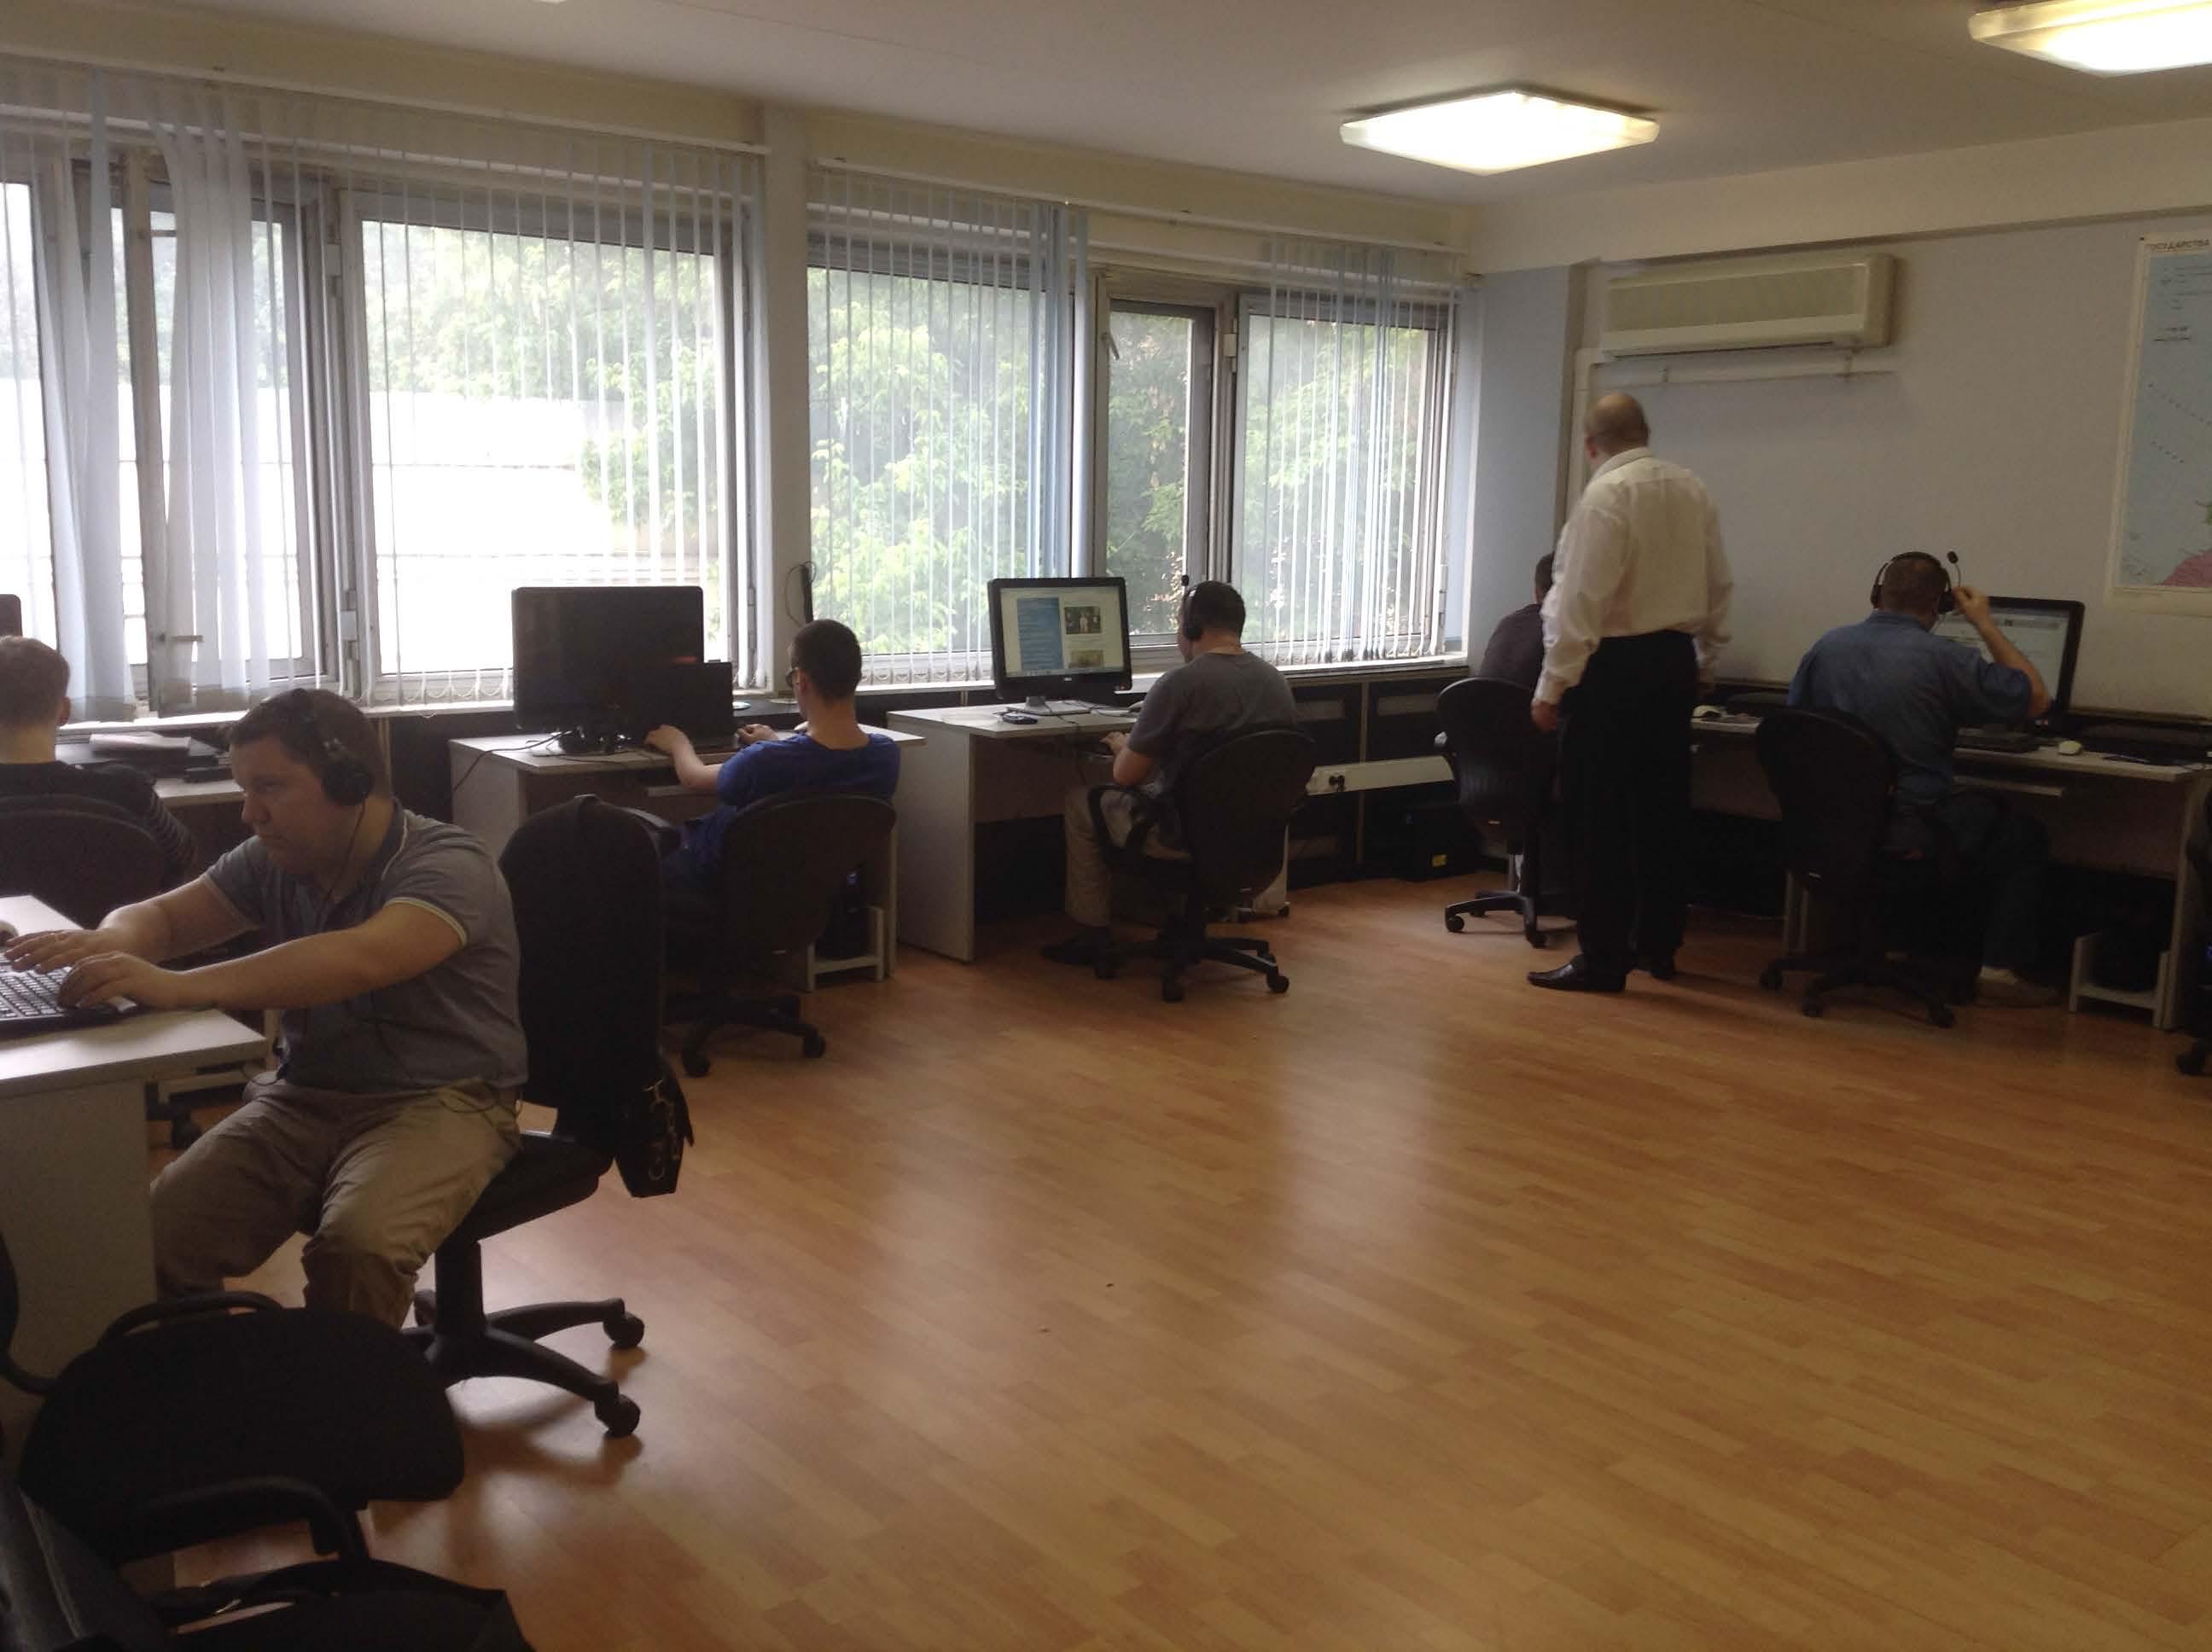 10 июня завершила обучение группа инвалидов по зрению по заявкам РО ВОС «Специалист по доступности Интернет-ресурсов организаций для инвалидов по зрению»